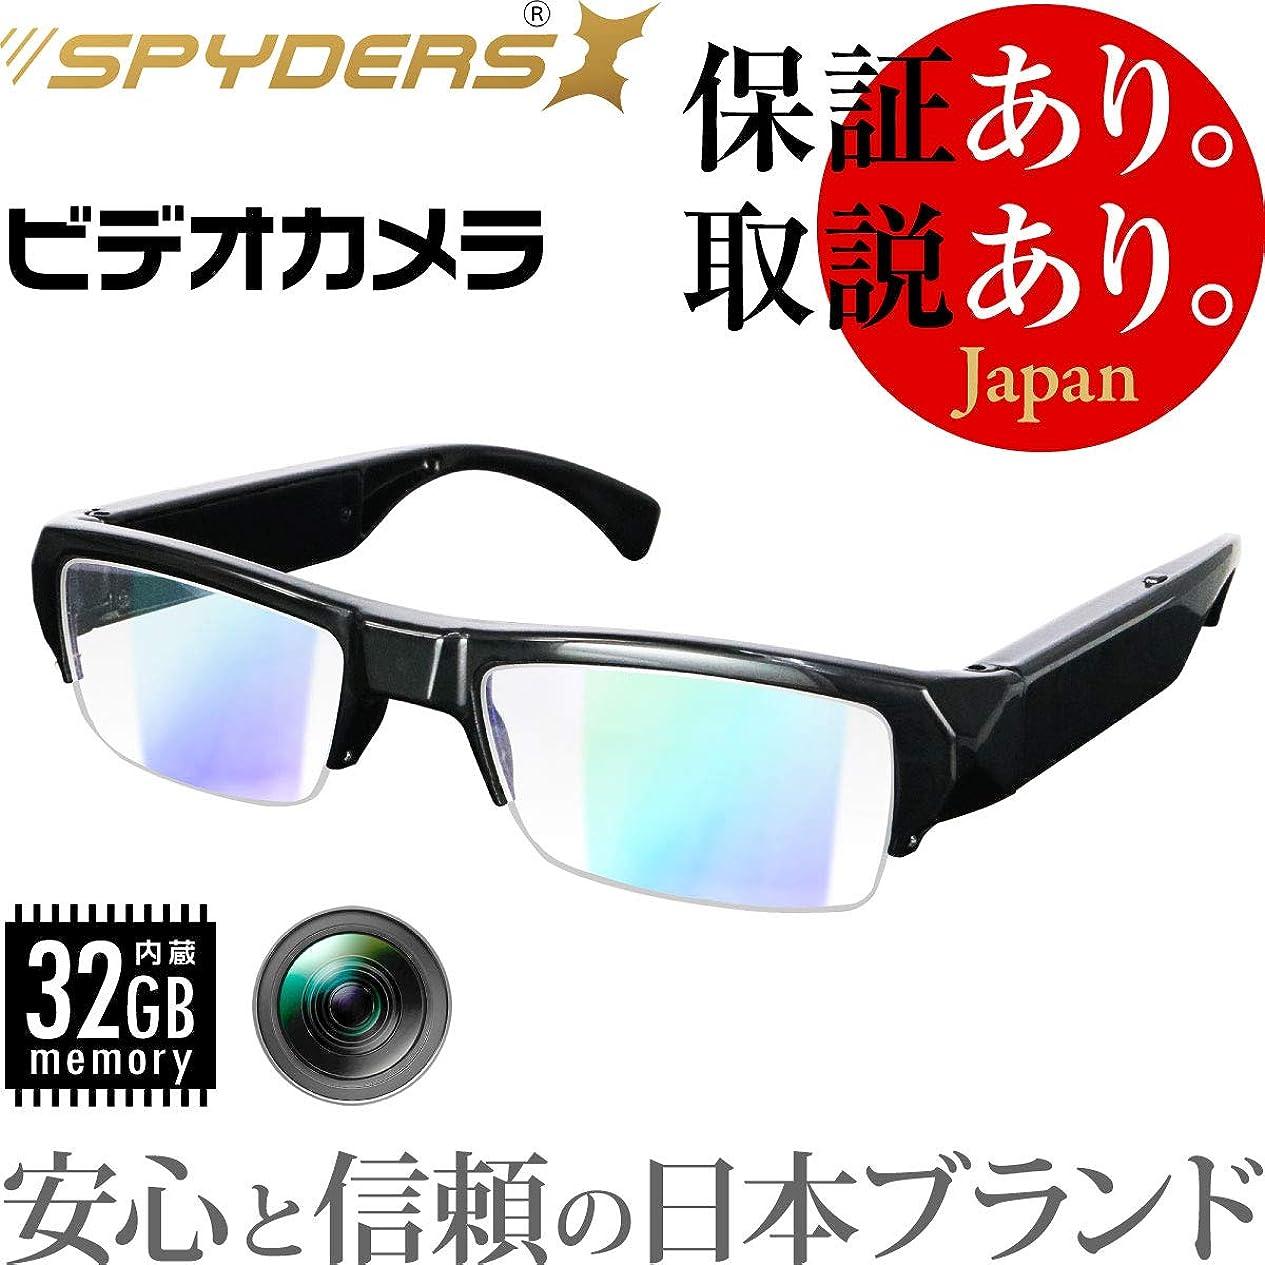 コーンウォール強調する船上スパイダーズX メガネ型カメラ 小型カメラ スパイカメラ (E-280)